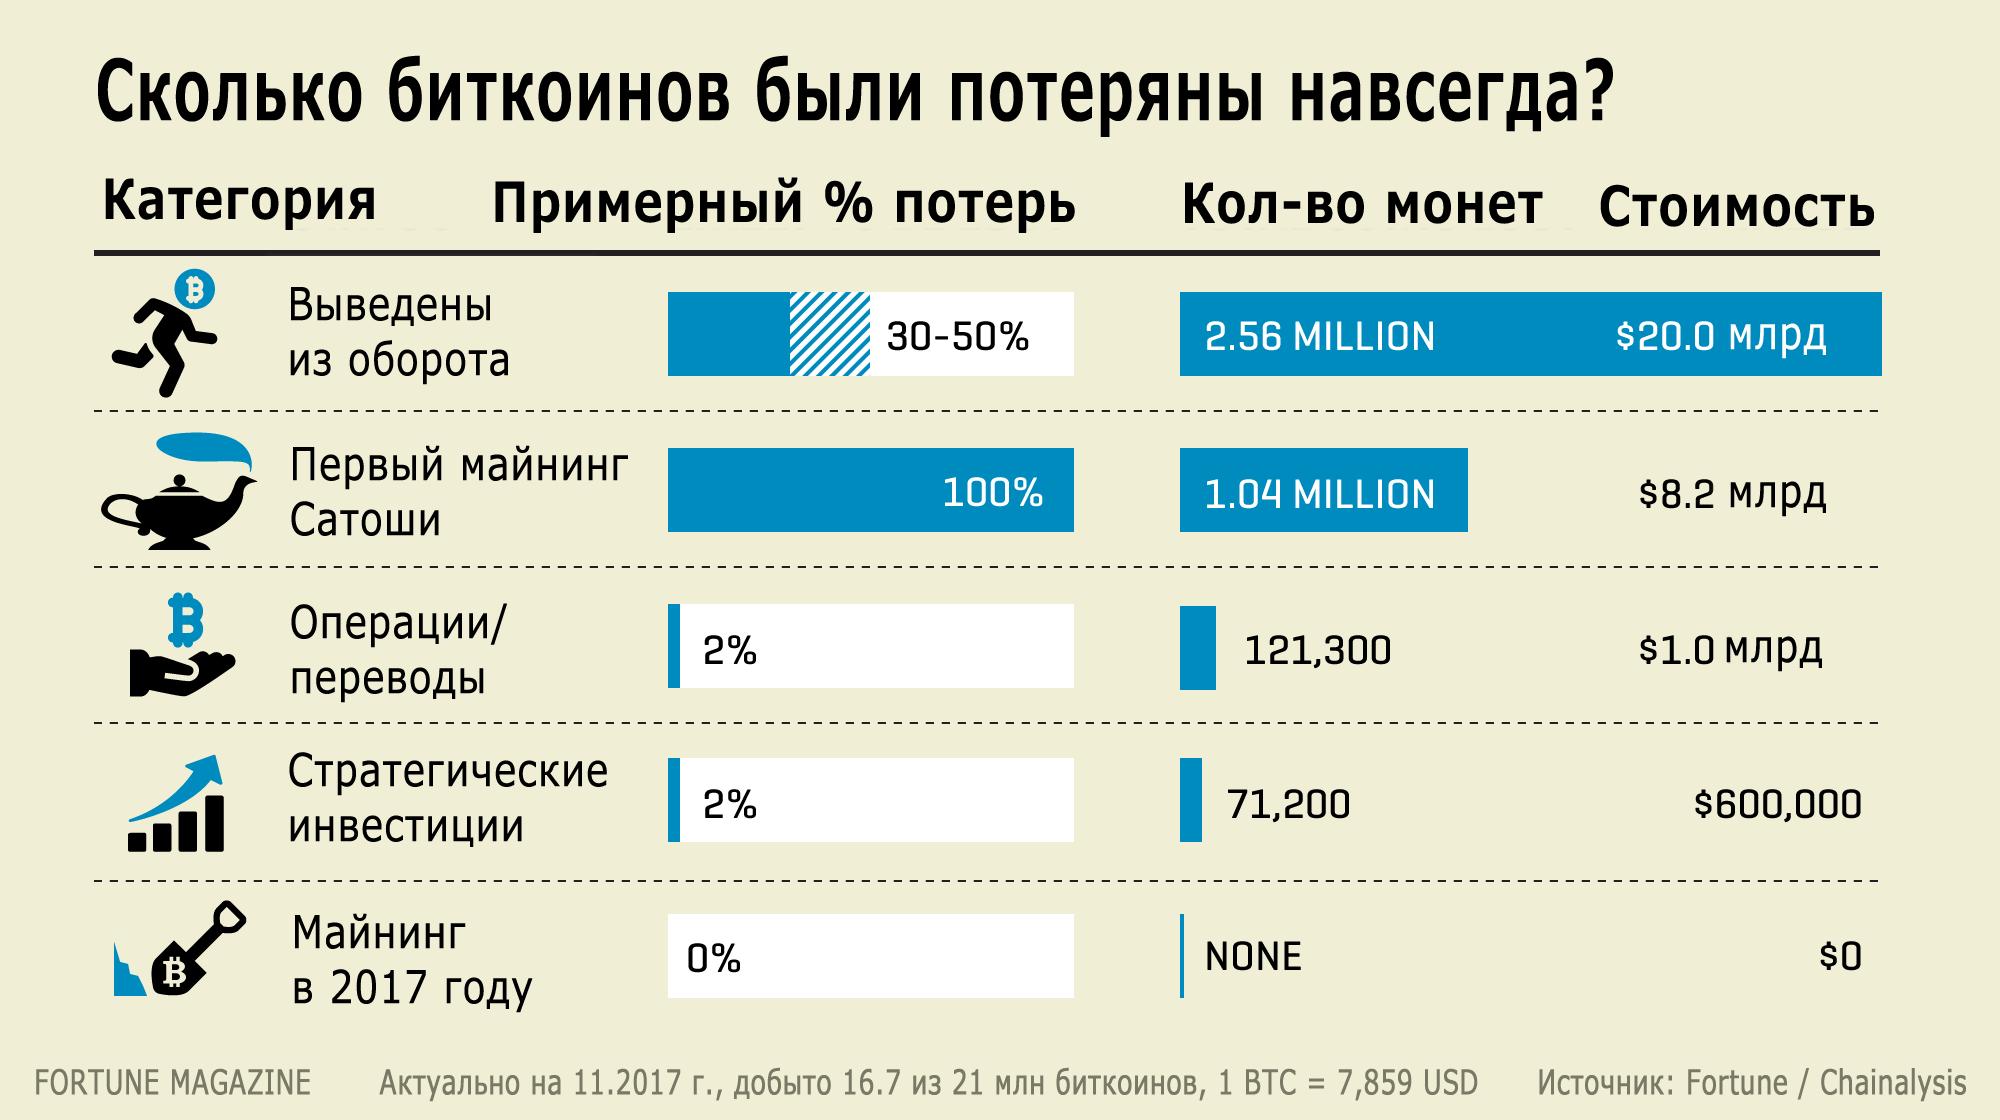 [Перевод] Почти 4 млн биткоинов потеряны навсегда